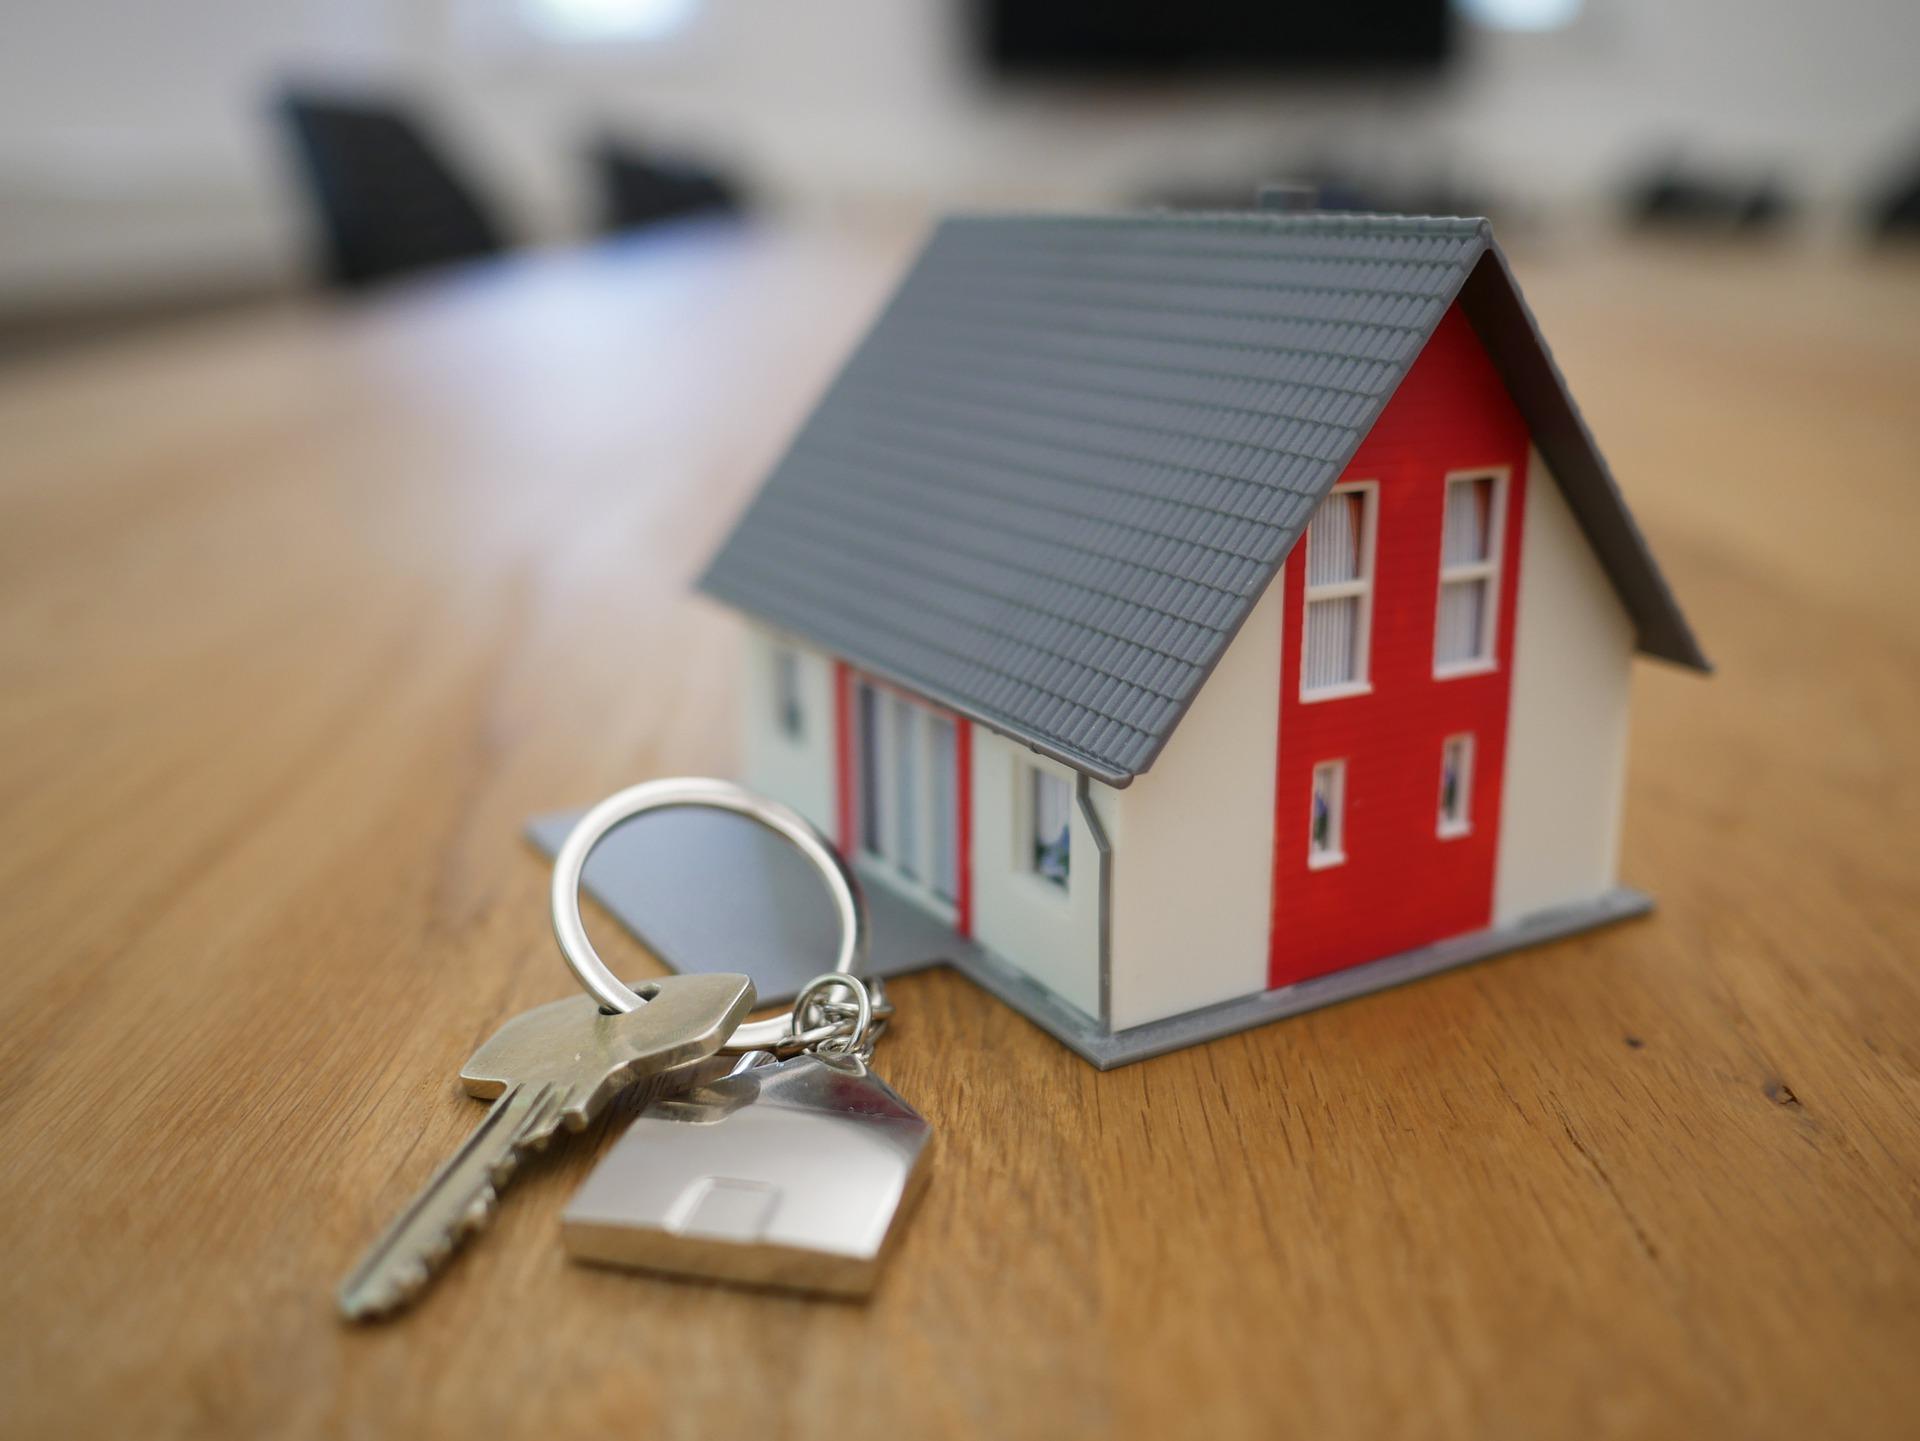 build-a-house-4503738_1920